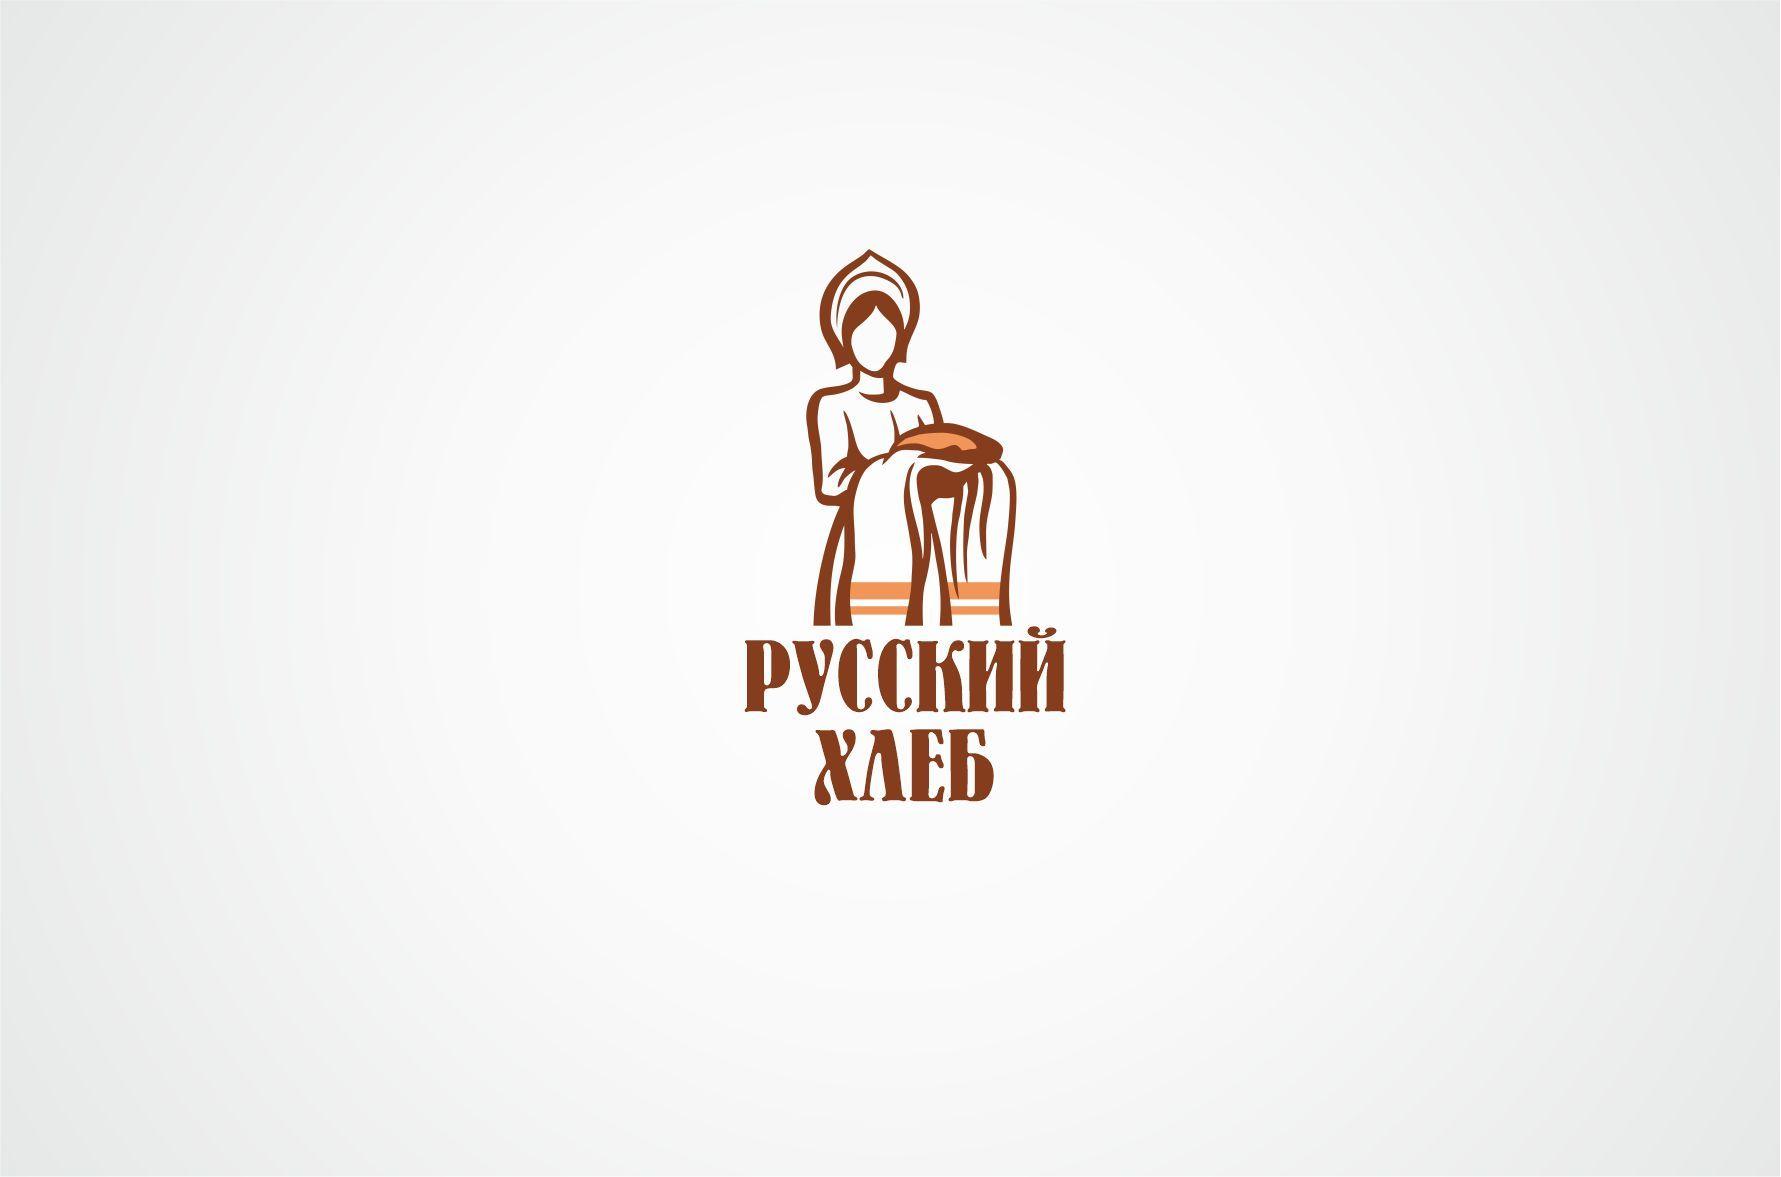 Лого и фирменный стиль для Русский хлеб  - дизайнер Zheravin